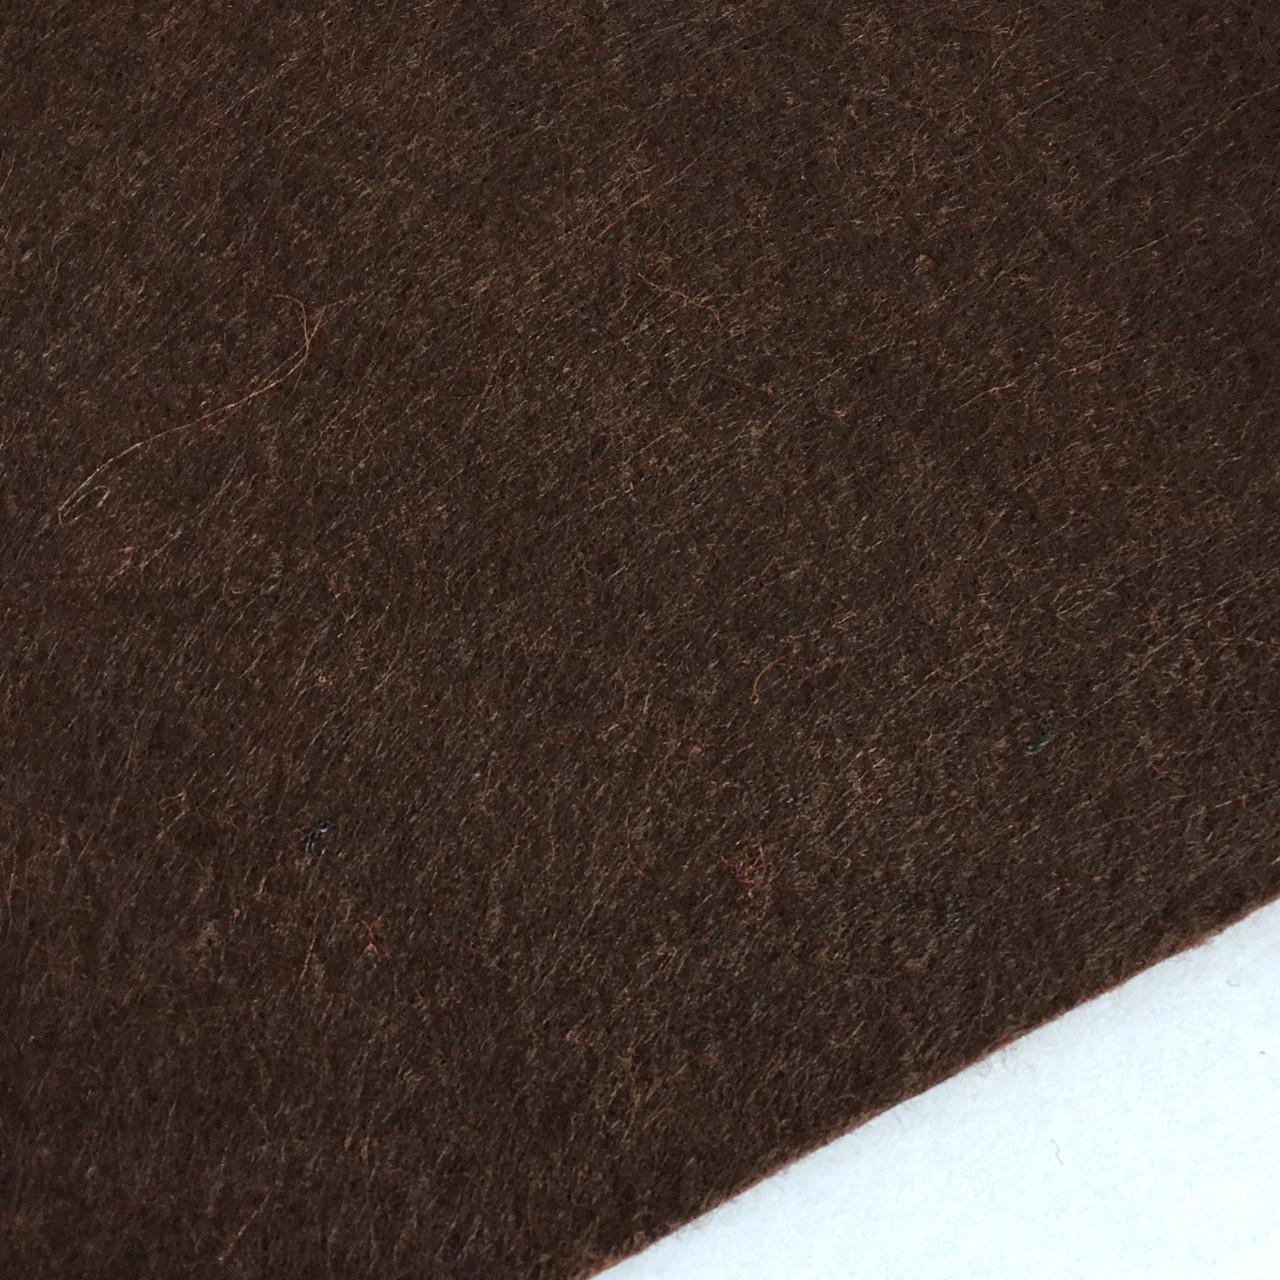 Фетр 1мм. Жесткий. Лист 20х25 см. Темно-коричневый